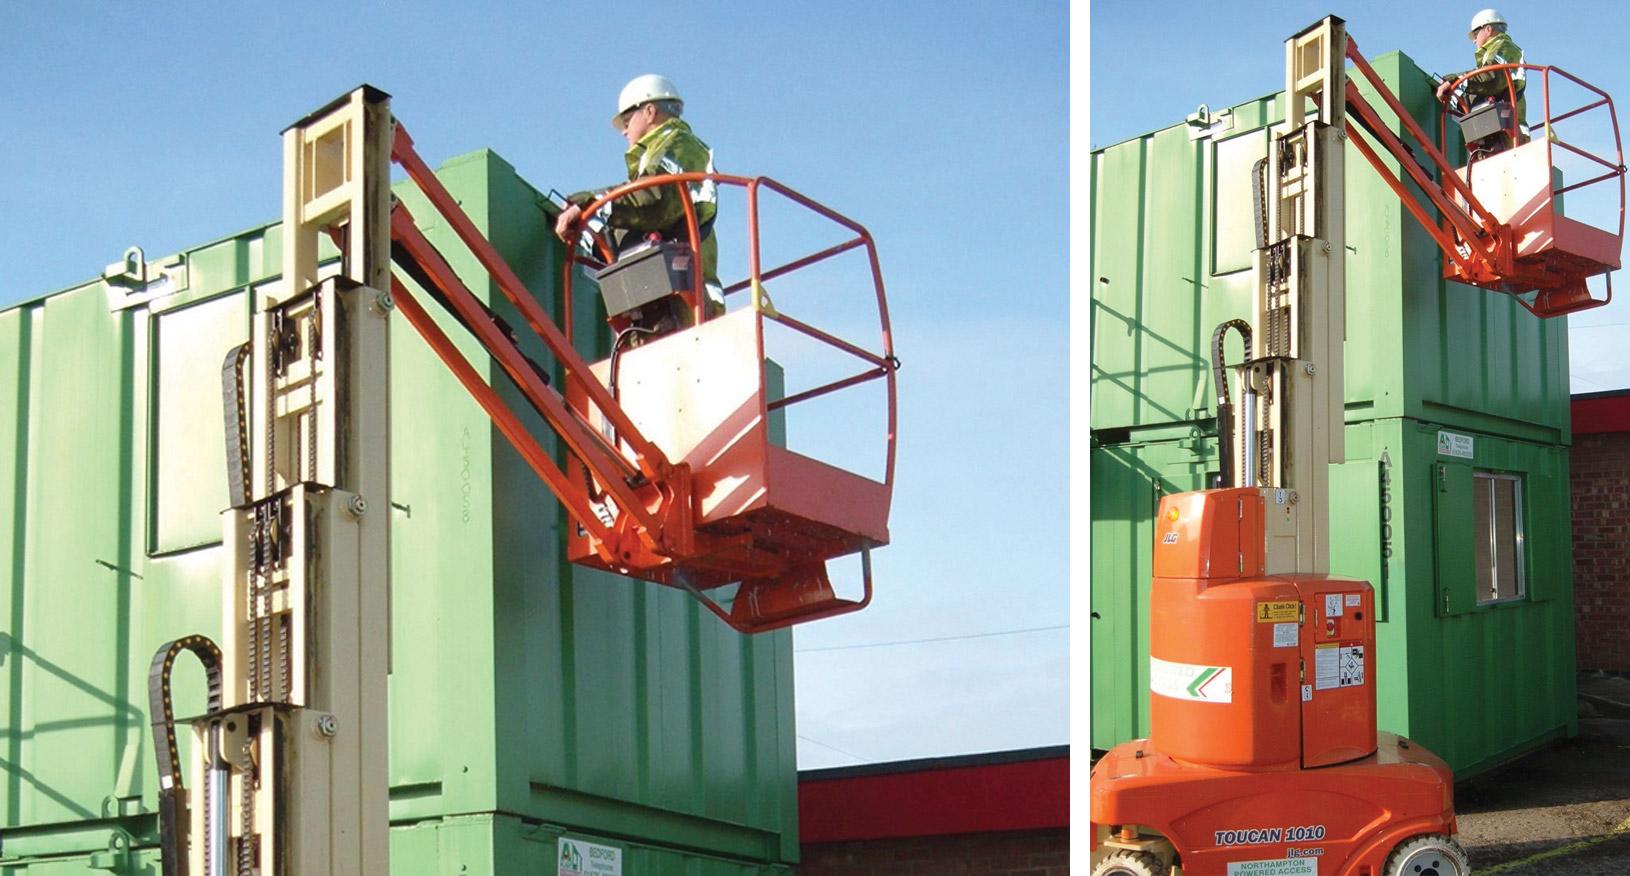 8M (26.24Ft) Electric Mast Lift